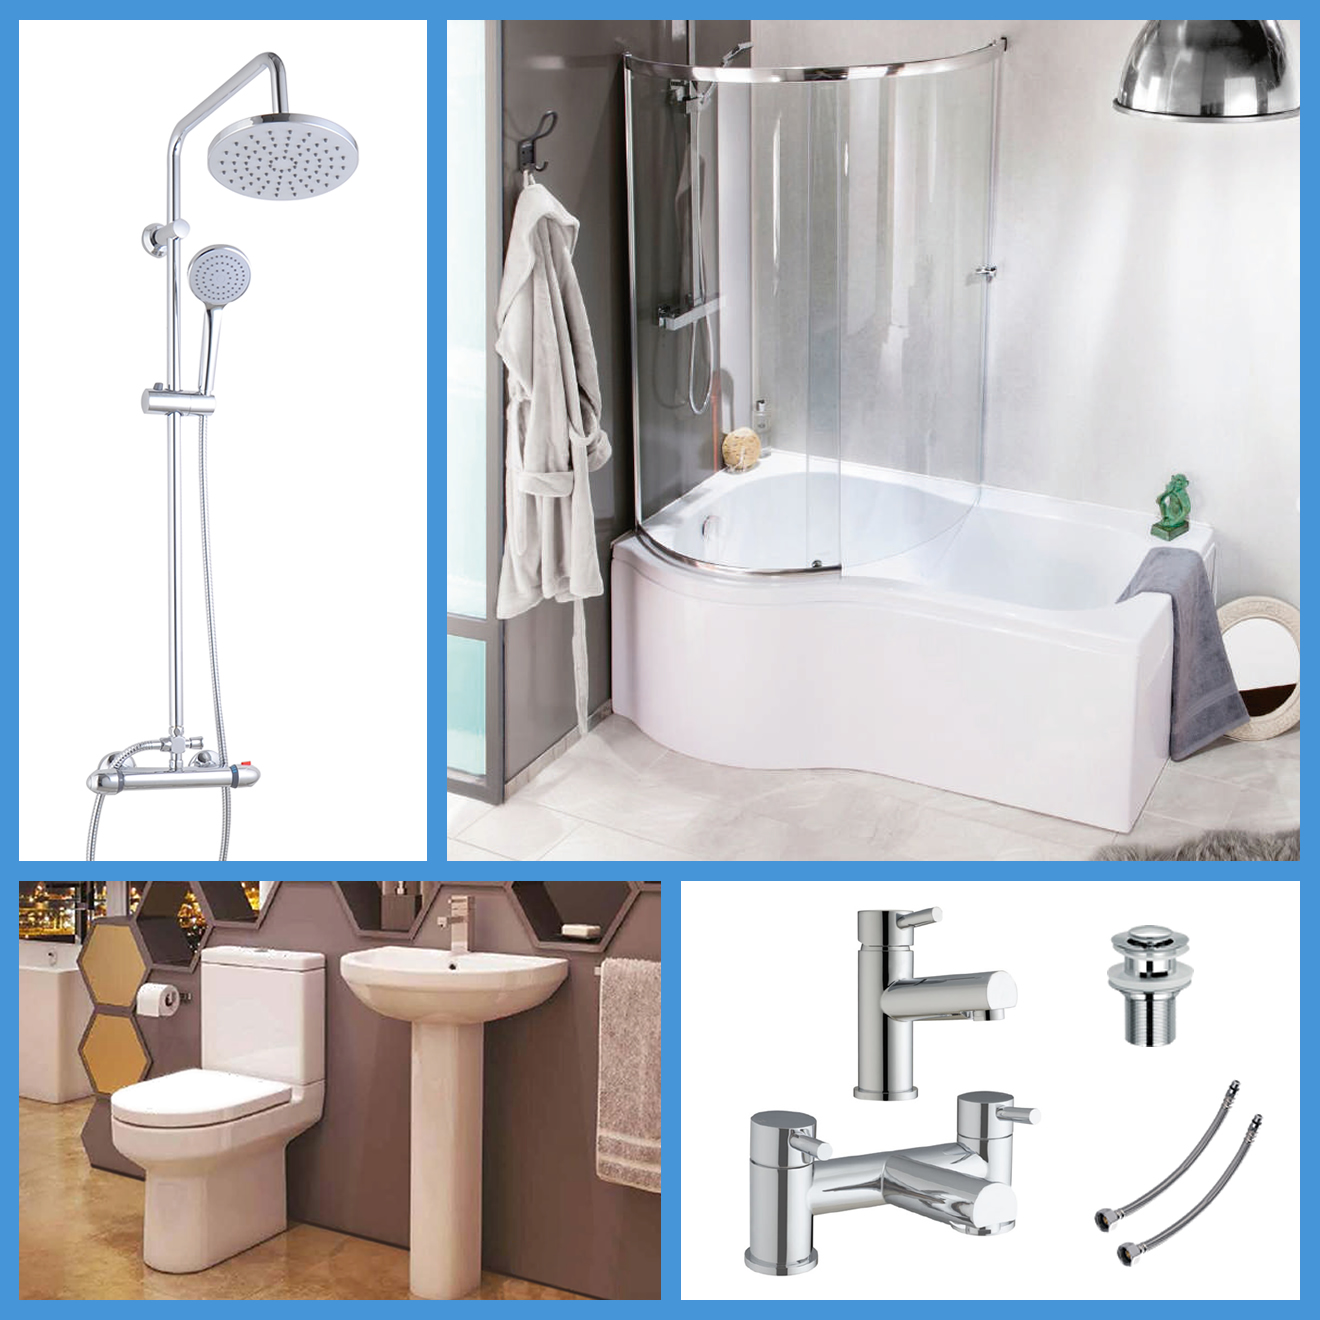 P shaped bathroom suite left hand 1700 bath btw toilet wc for P bathroom suites cheap